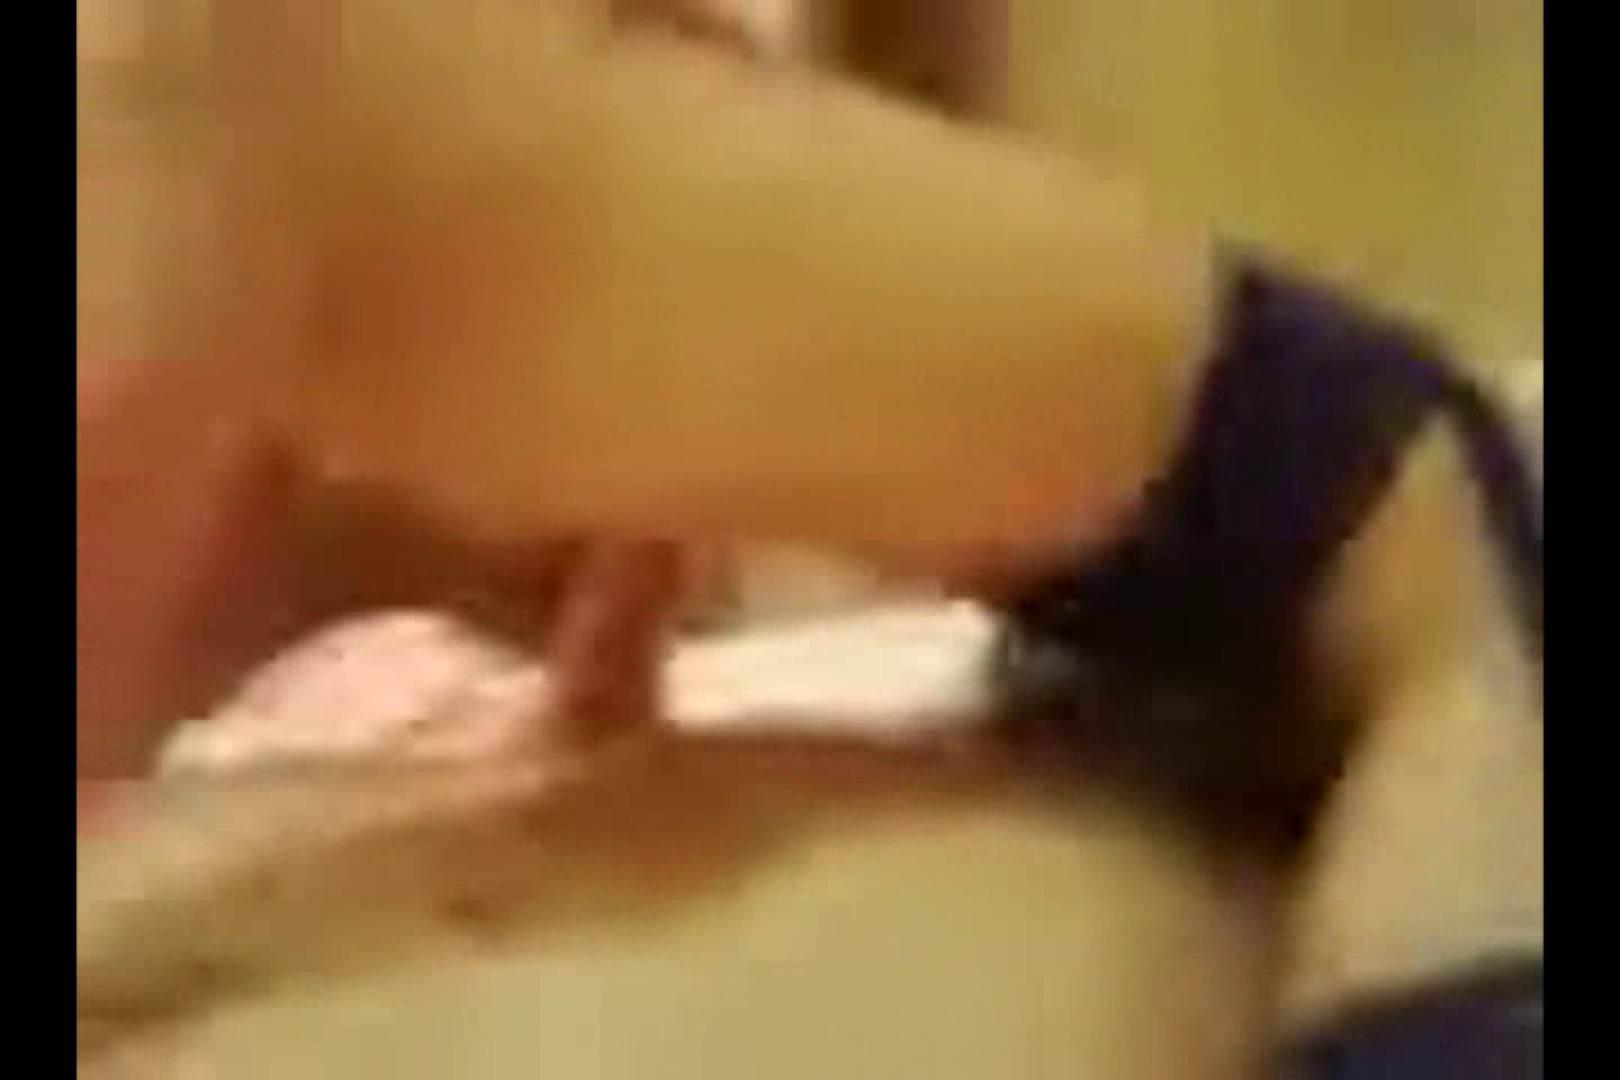 ウイルス流出 ケンブリッジ留学美人女子大生・王美嬢のセックステープ流出 女子大生達のヌード | 美人コレクション  81連発 10